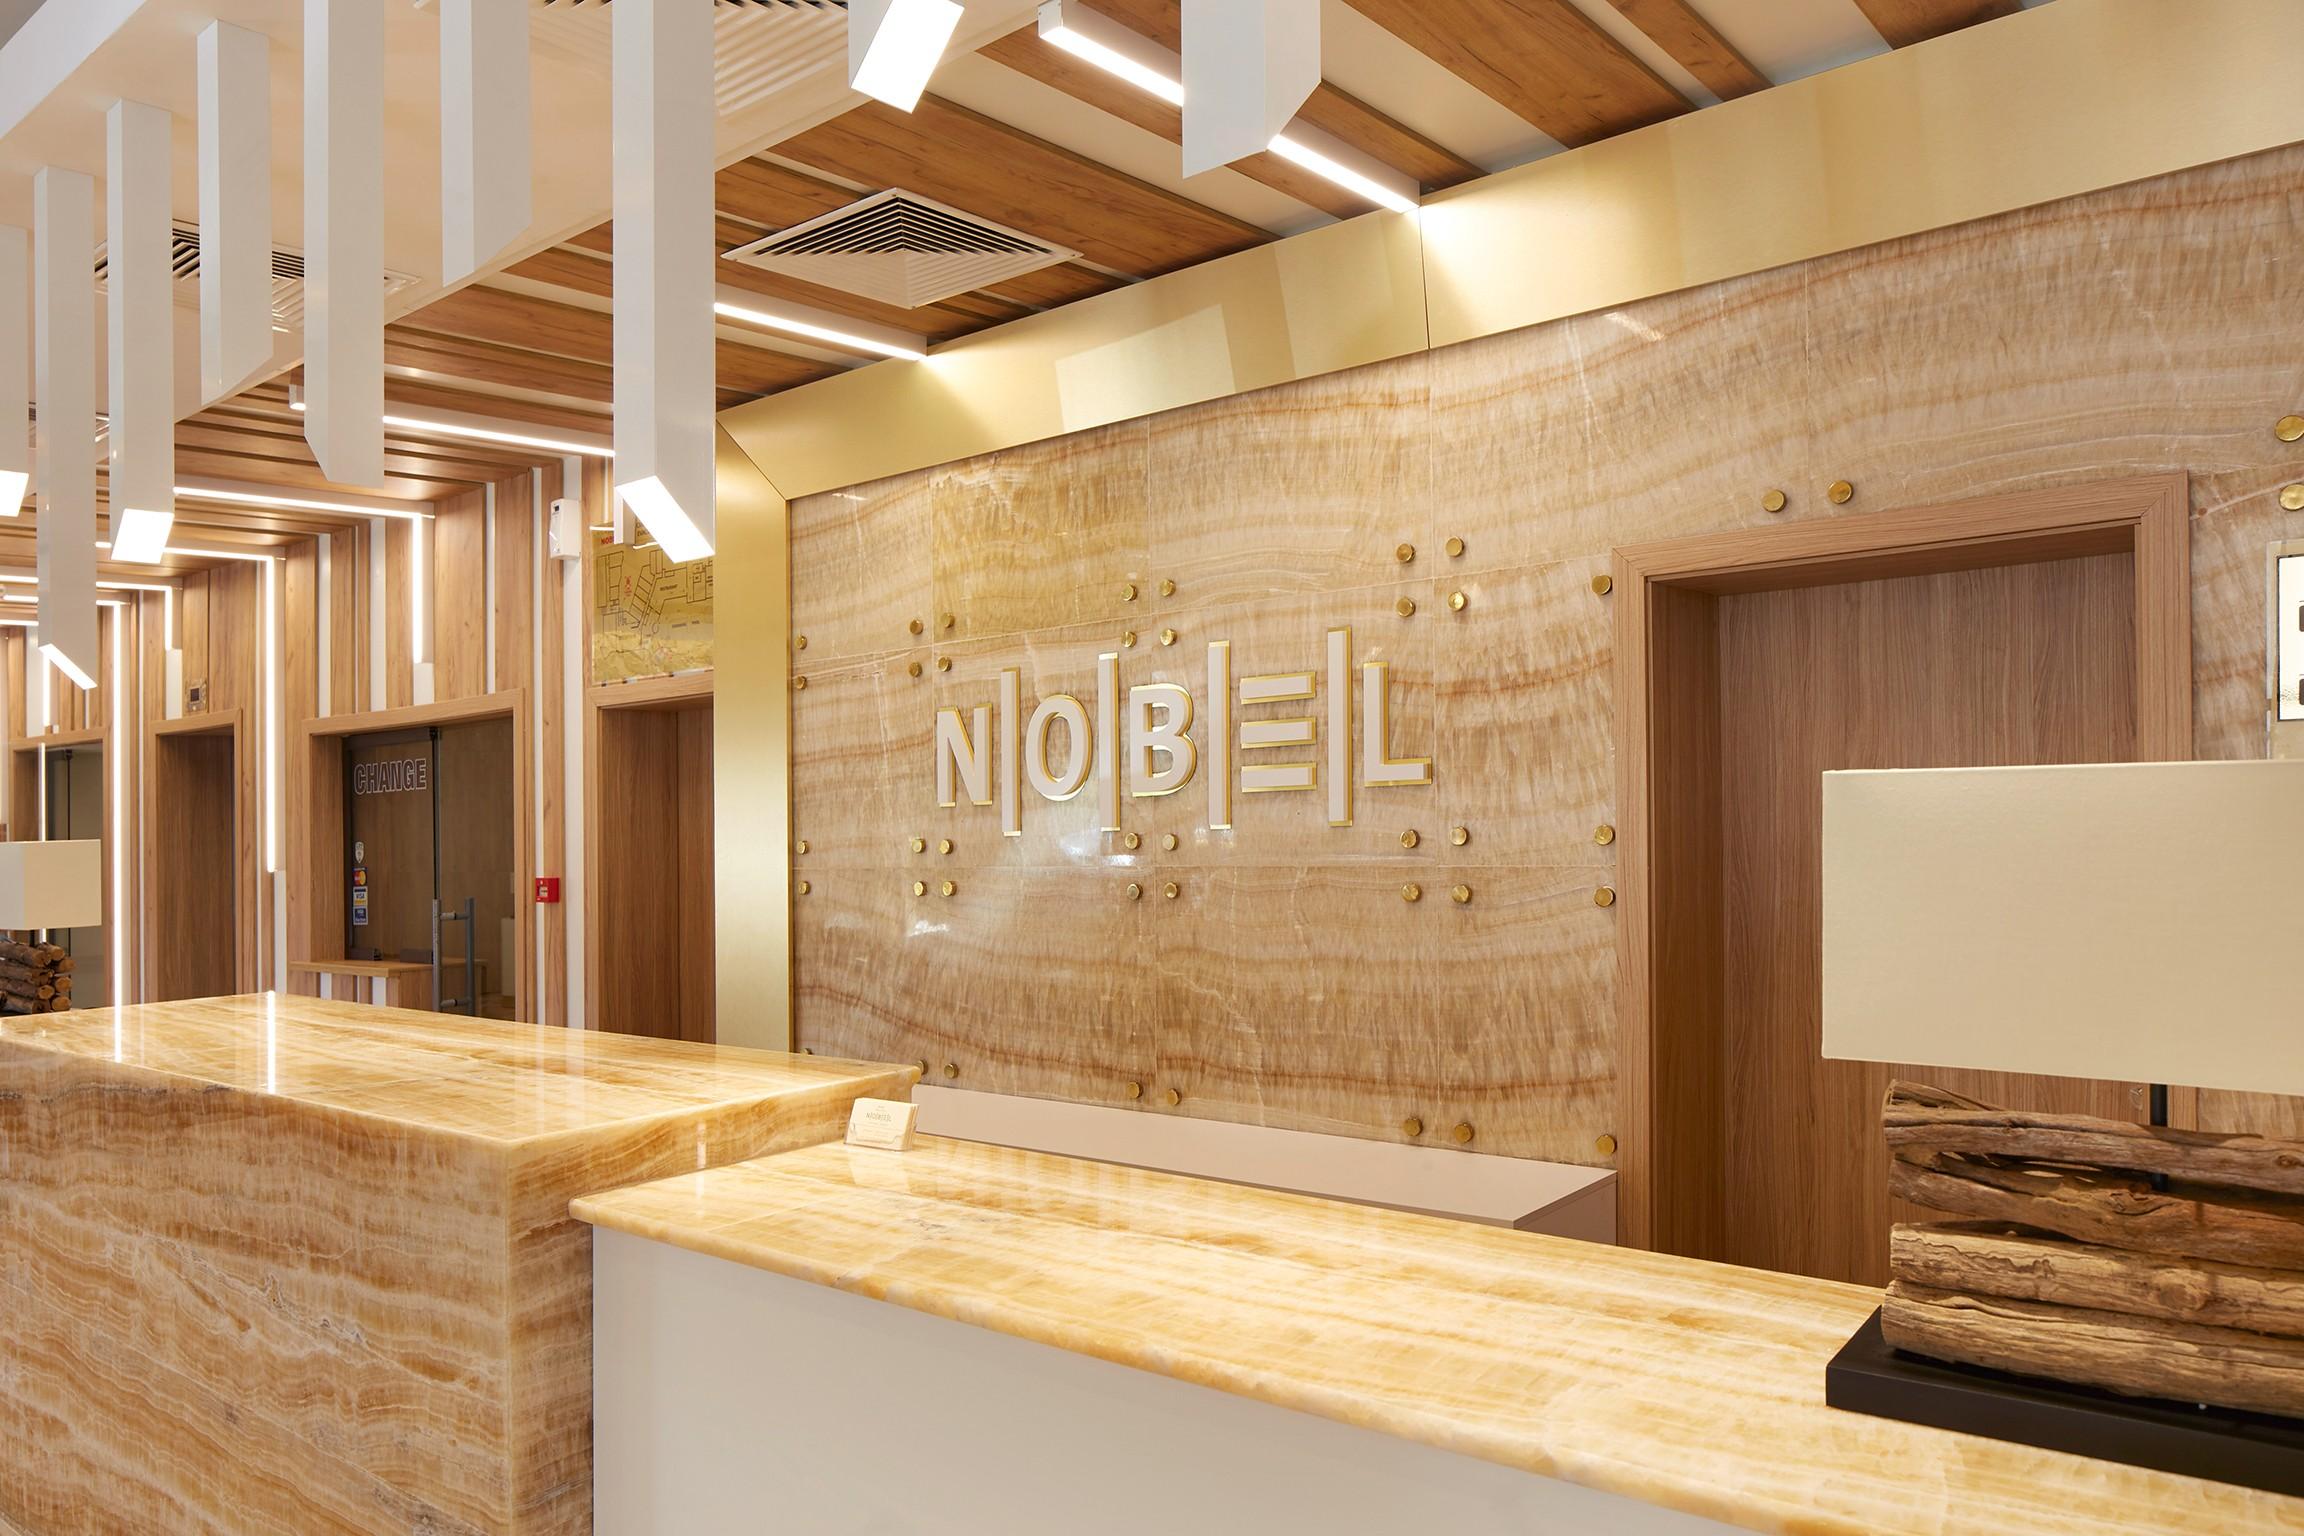 The Nobel Hotel